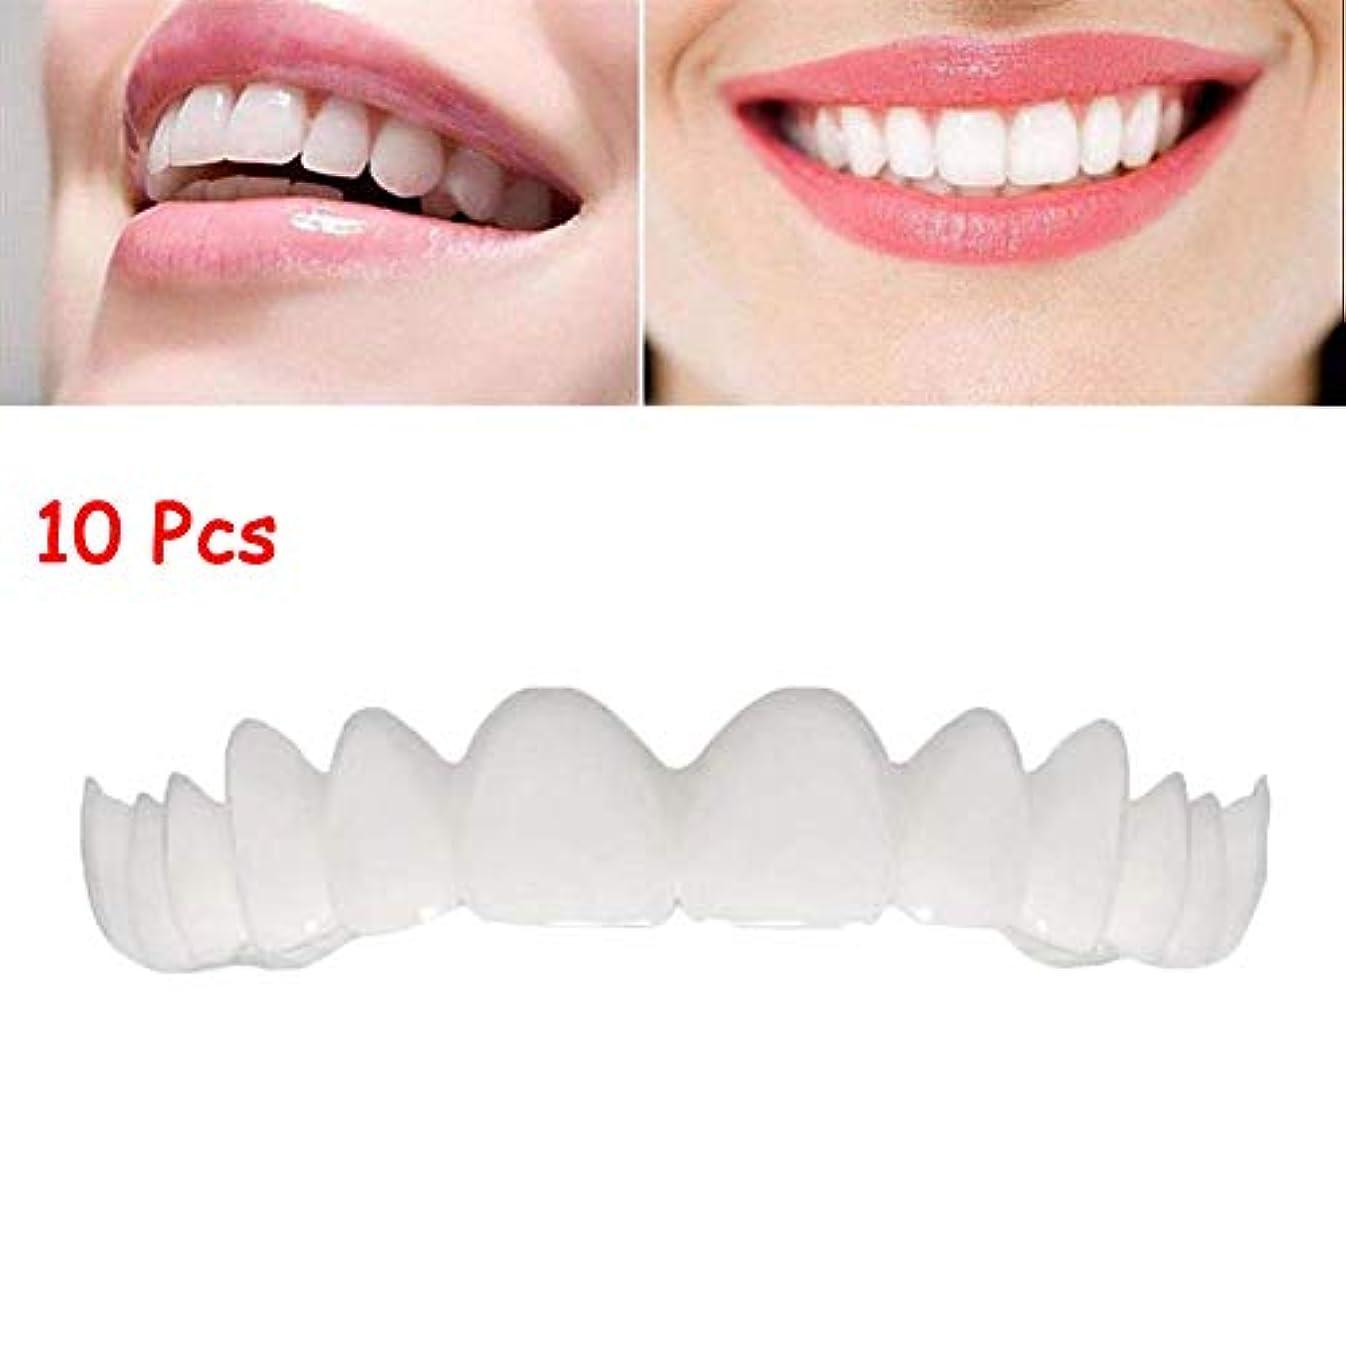 付ける分泌する最初10個の一時的な化粧品の歯の義歯は歯を白くするブレースを模擬